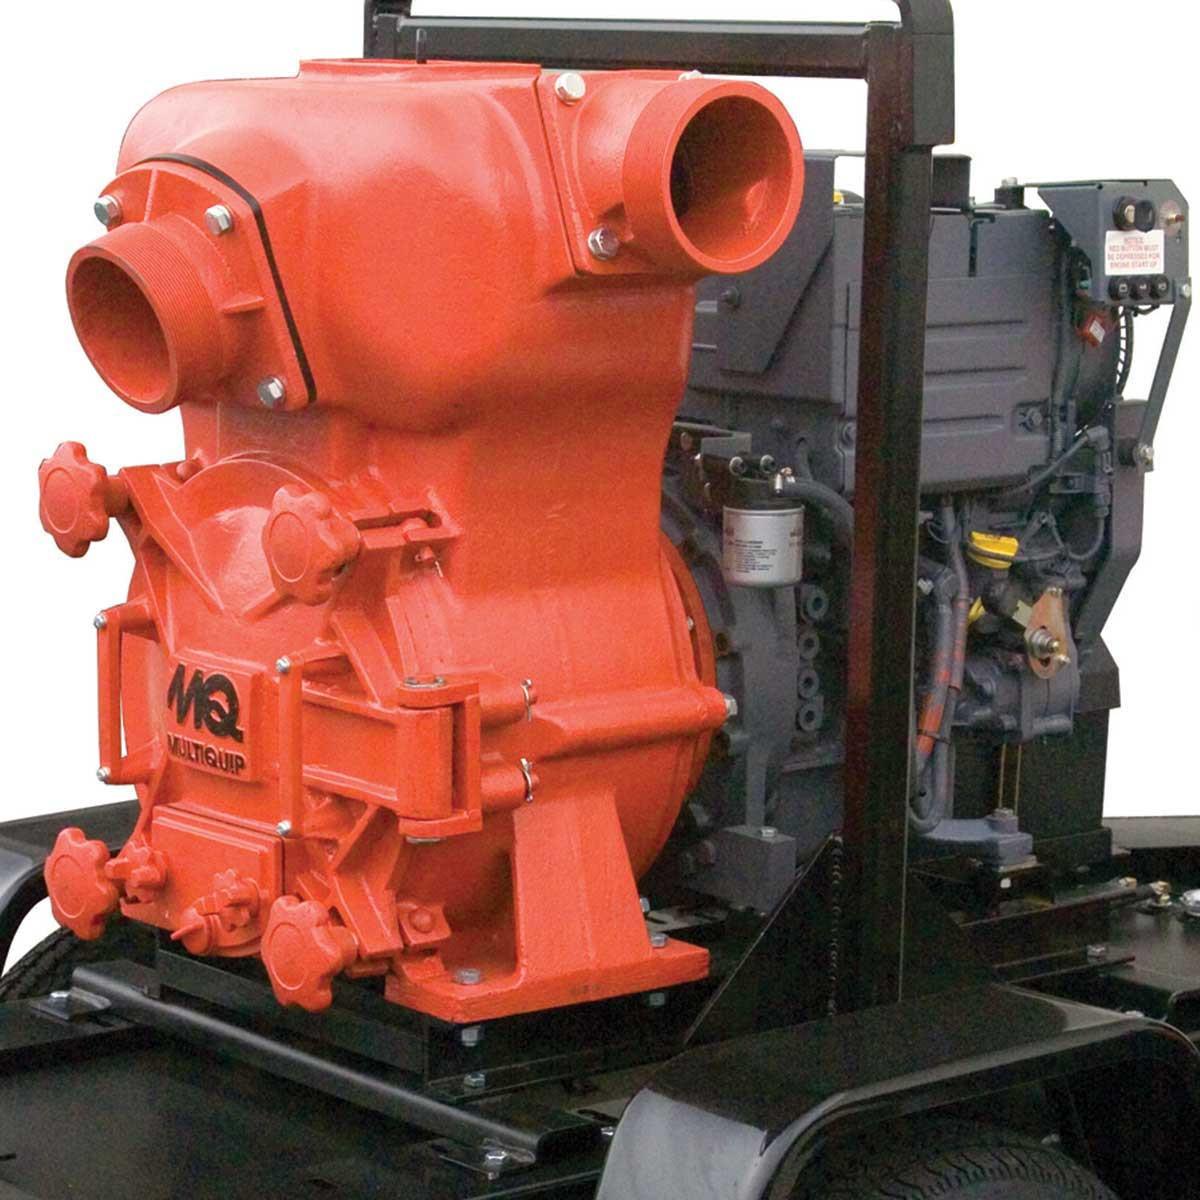 6 inch Multiquip MQ-62TDD Trash Pump with Deutz Diesel Engine